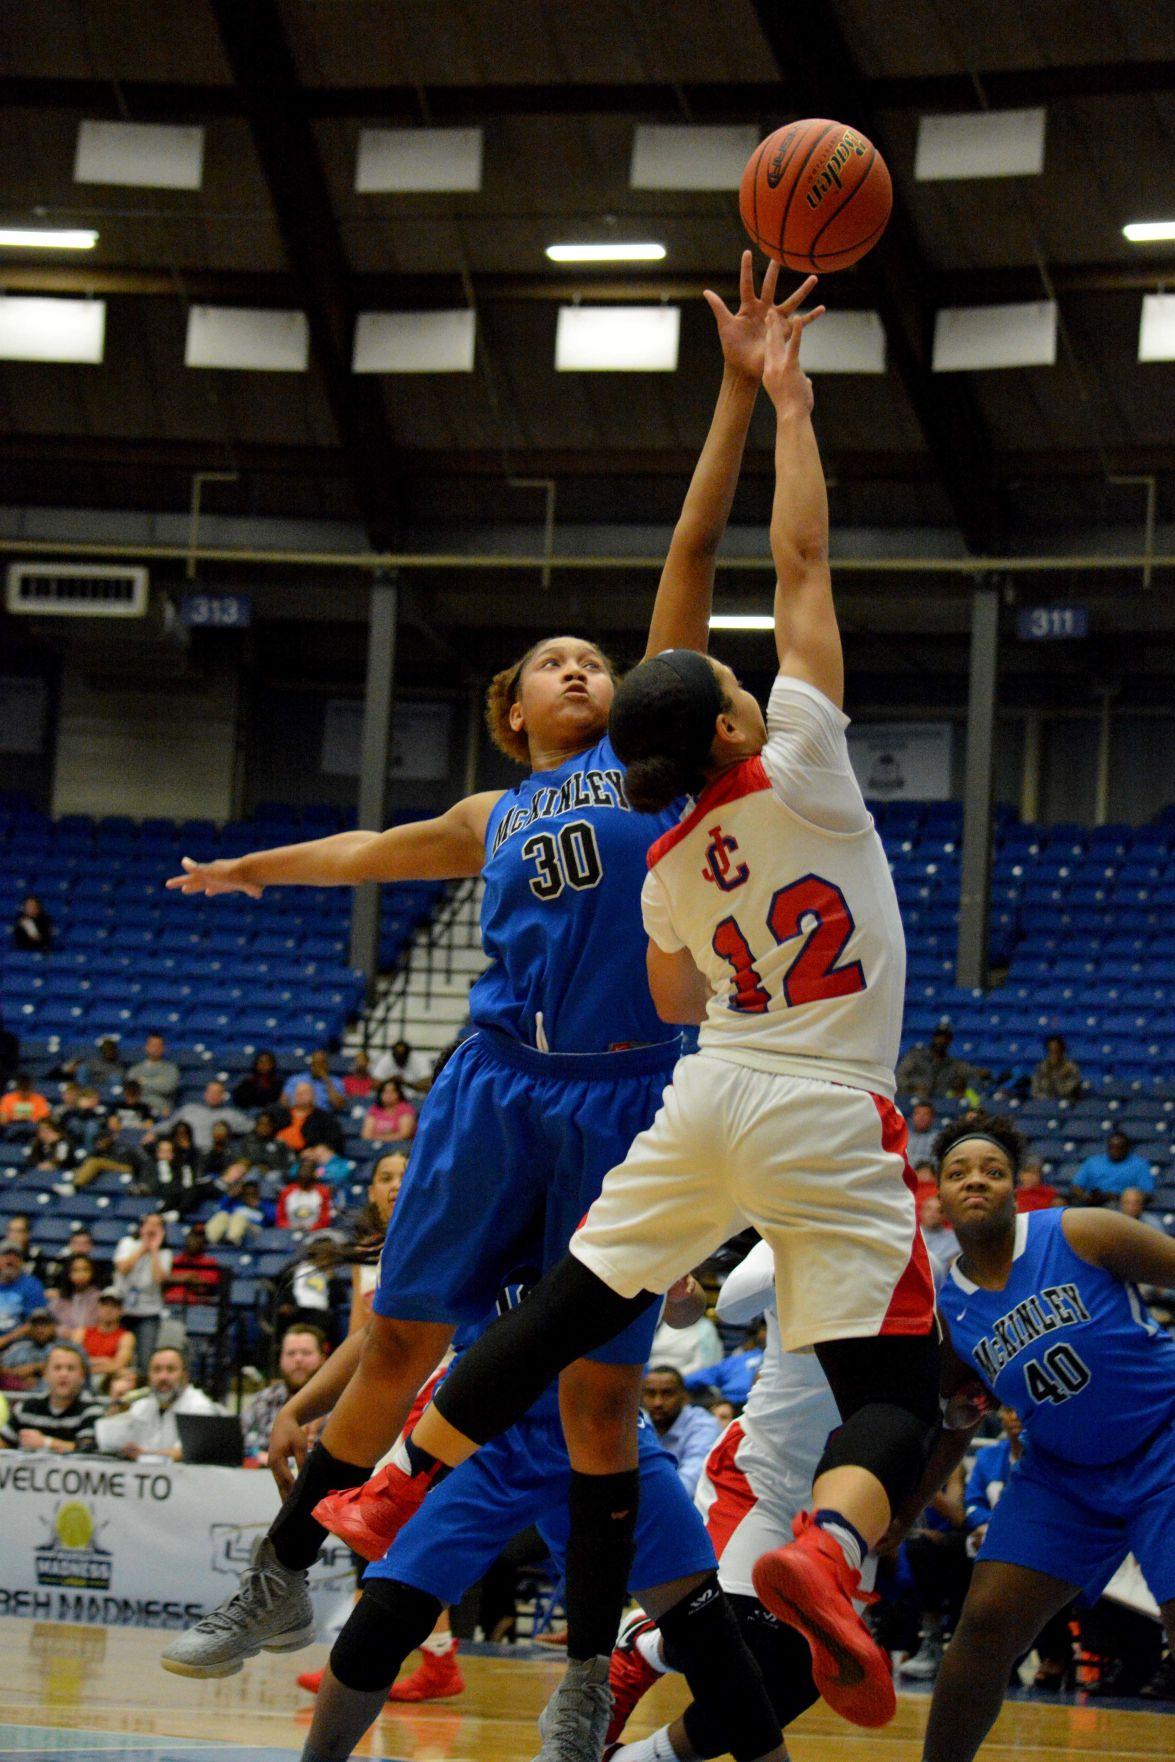 LHSAA State Girl's Basketball Championship